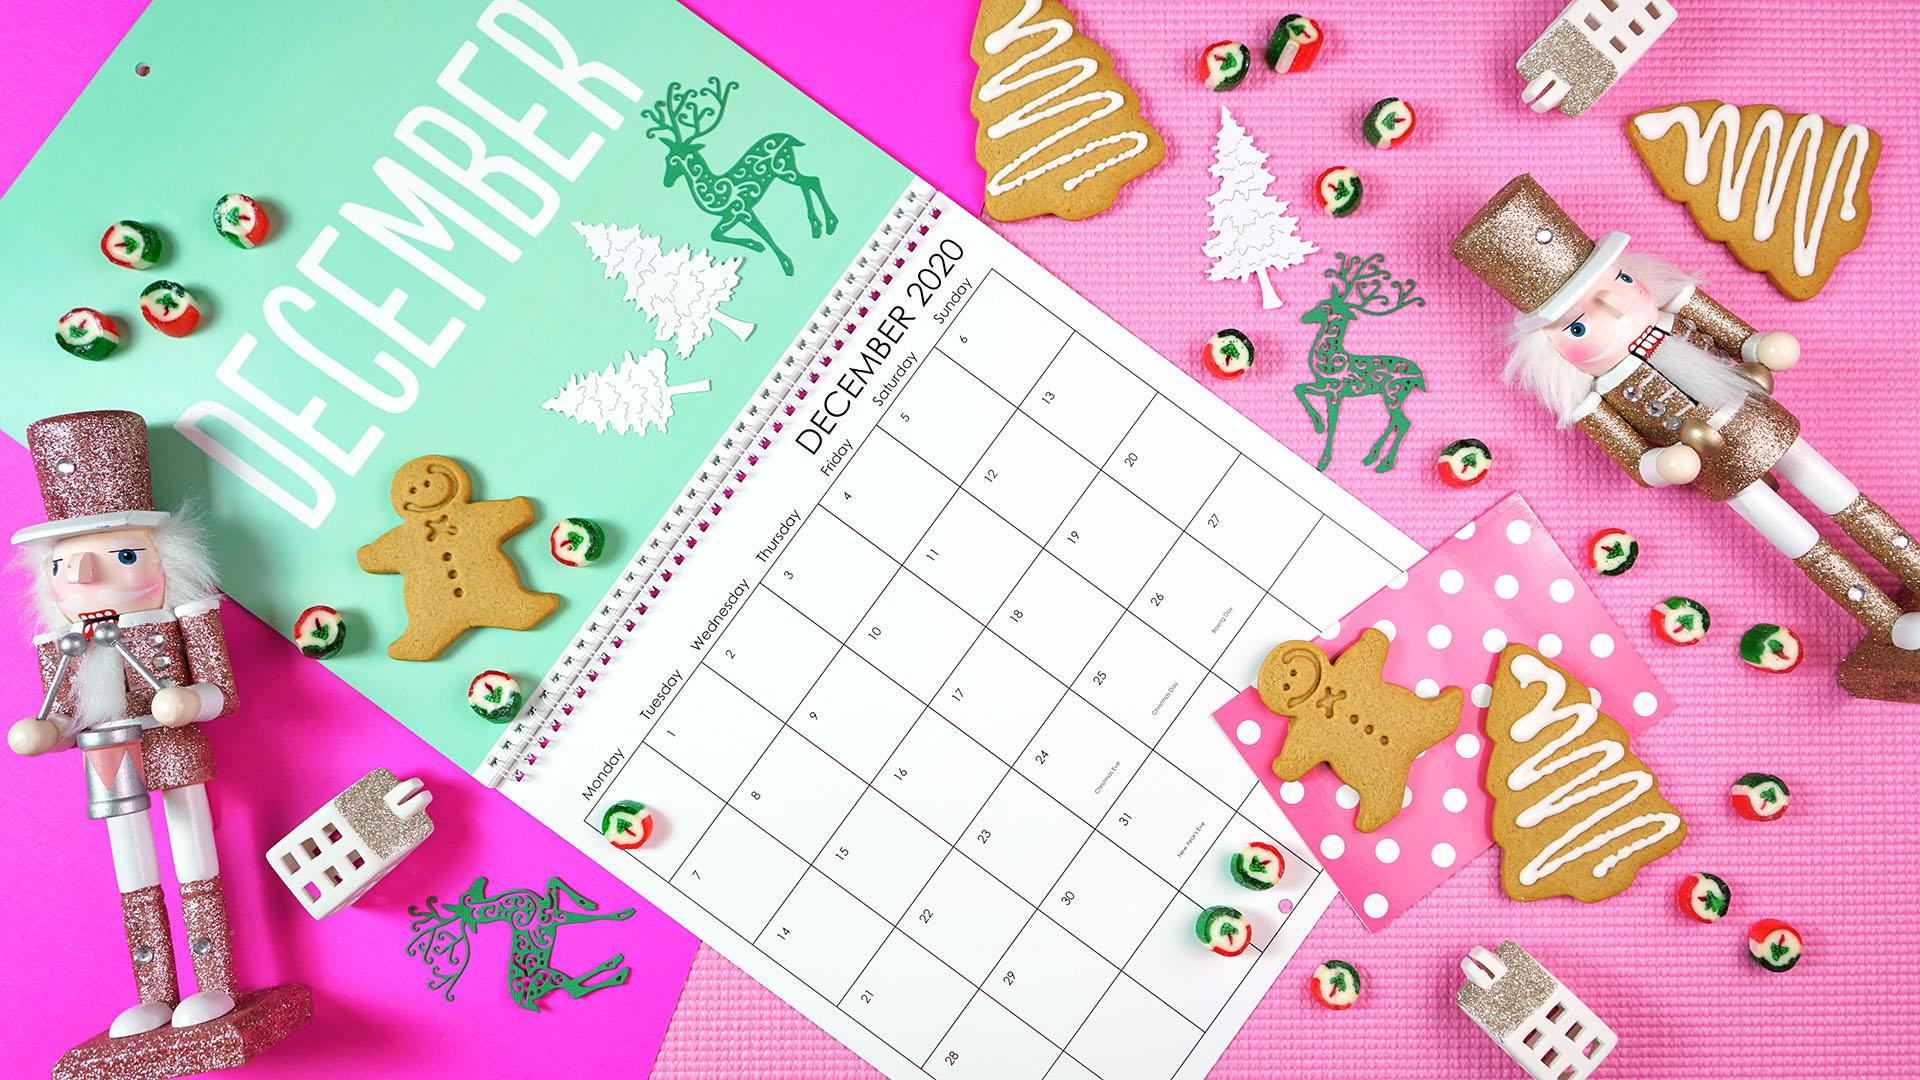 bata kata karácsony karácsony filmek karácsonyi illatok karácsonyi vásárok képeslap koronavírus-járvány online kézműves vásárok ünnepek